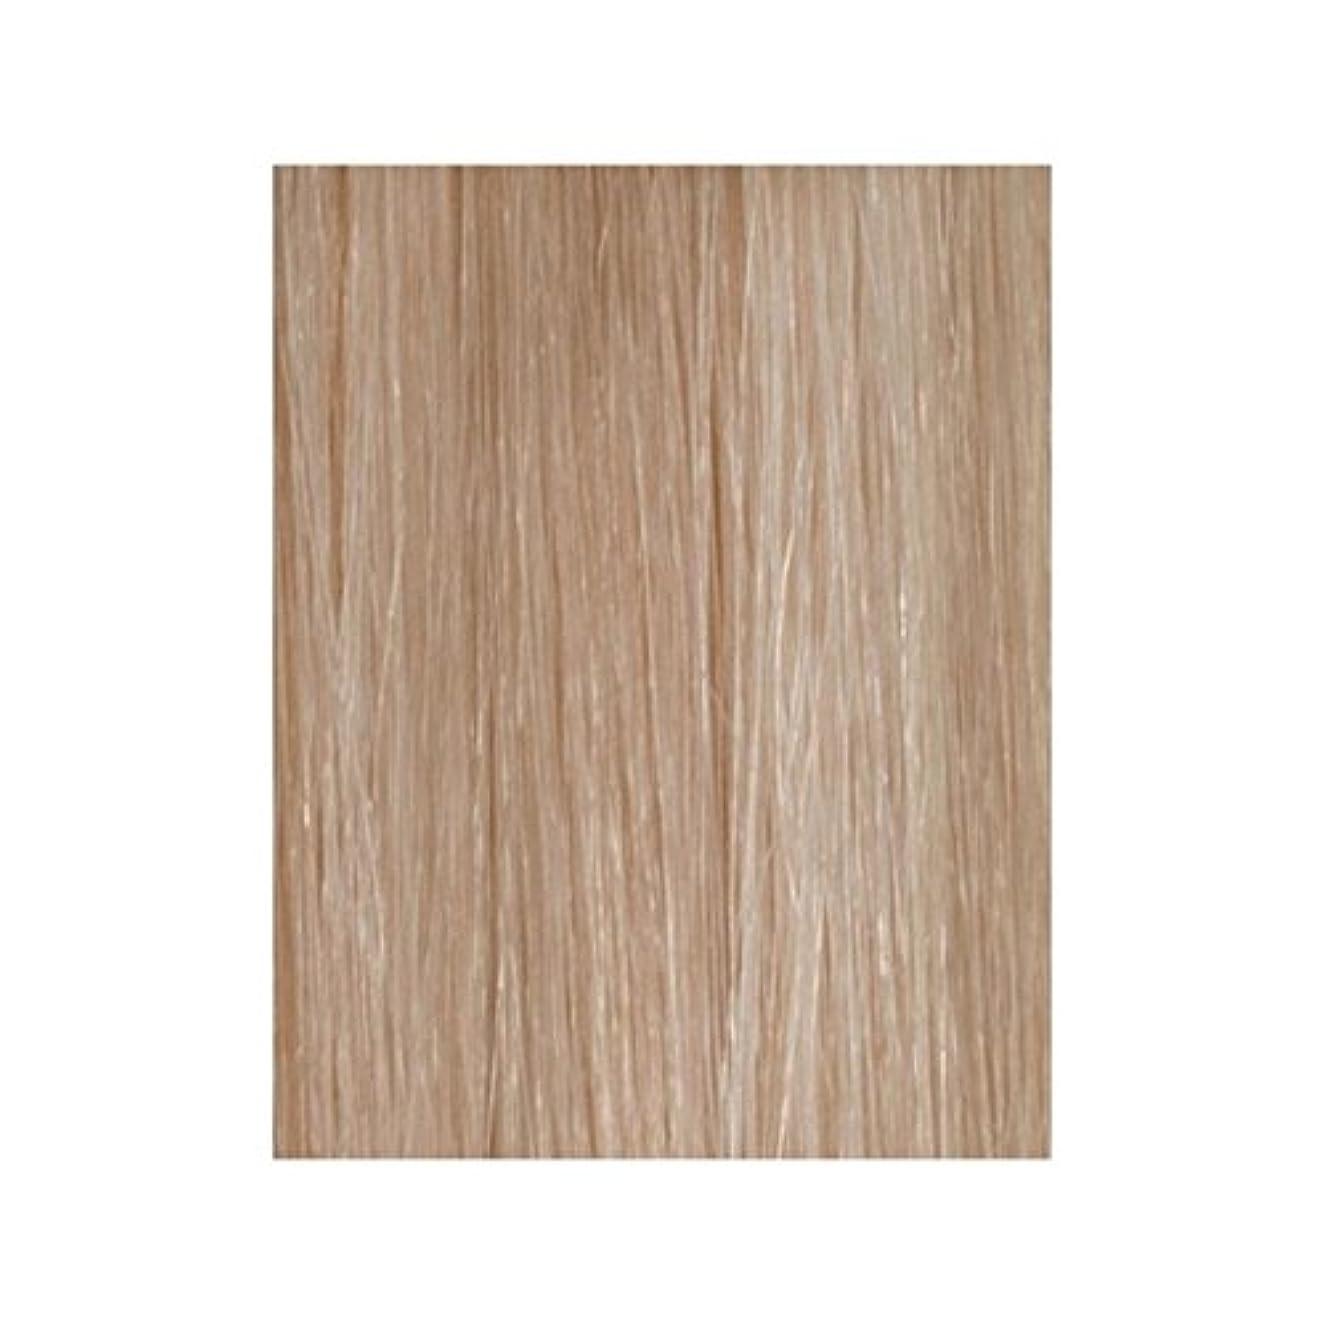 リンスくつろぐギャロップBeauty Works 100% Remy Colour Swatch Hair Extension - Champagne Blonde 613/18 (Pack of 6) - 美しさは、100%レミー色見本のヘアエクステンションの作品 - シャンパンブロンド18分の613 x6 [並行輸入品]